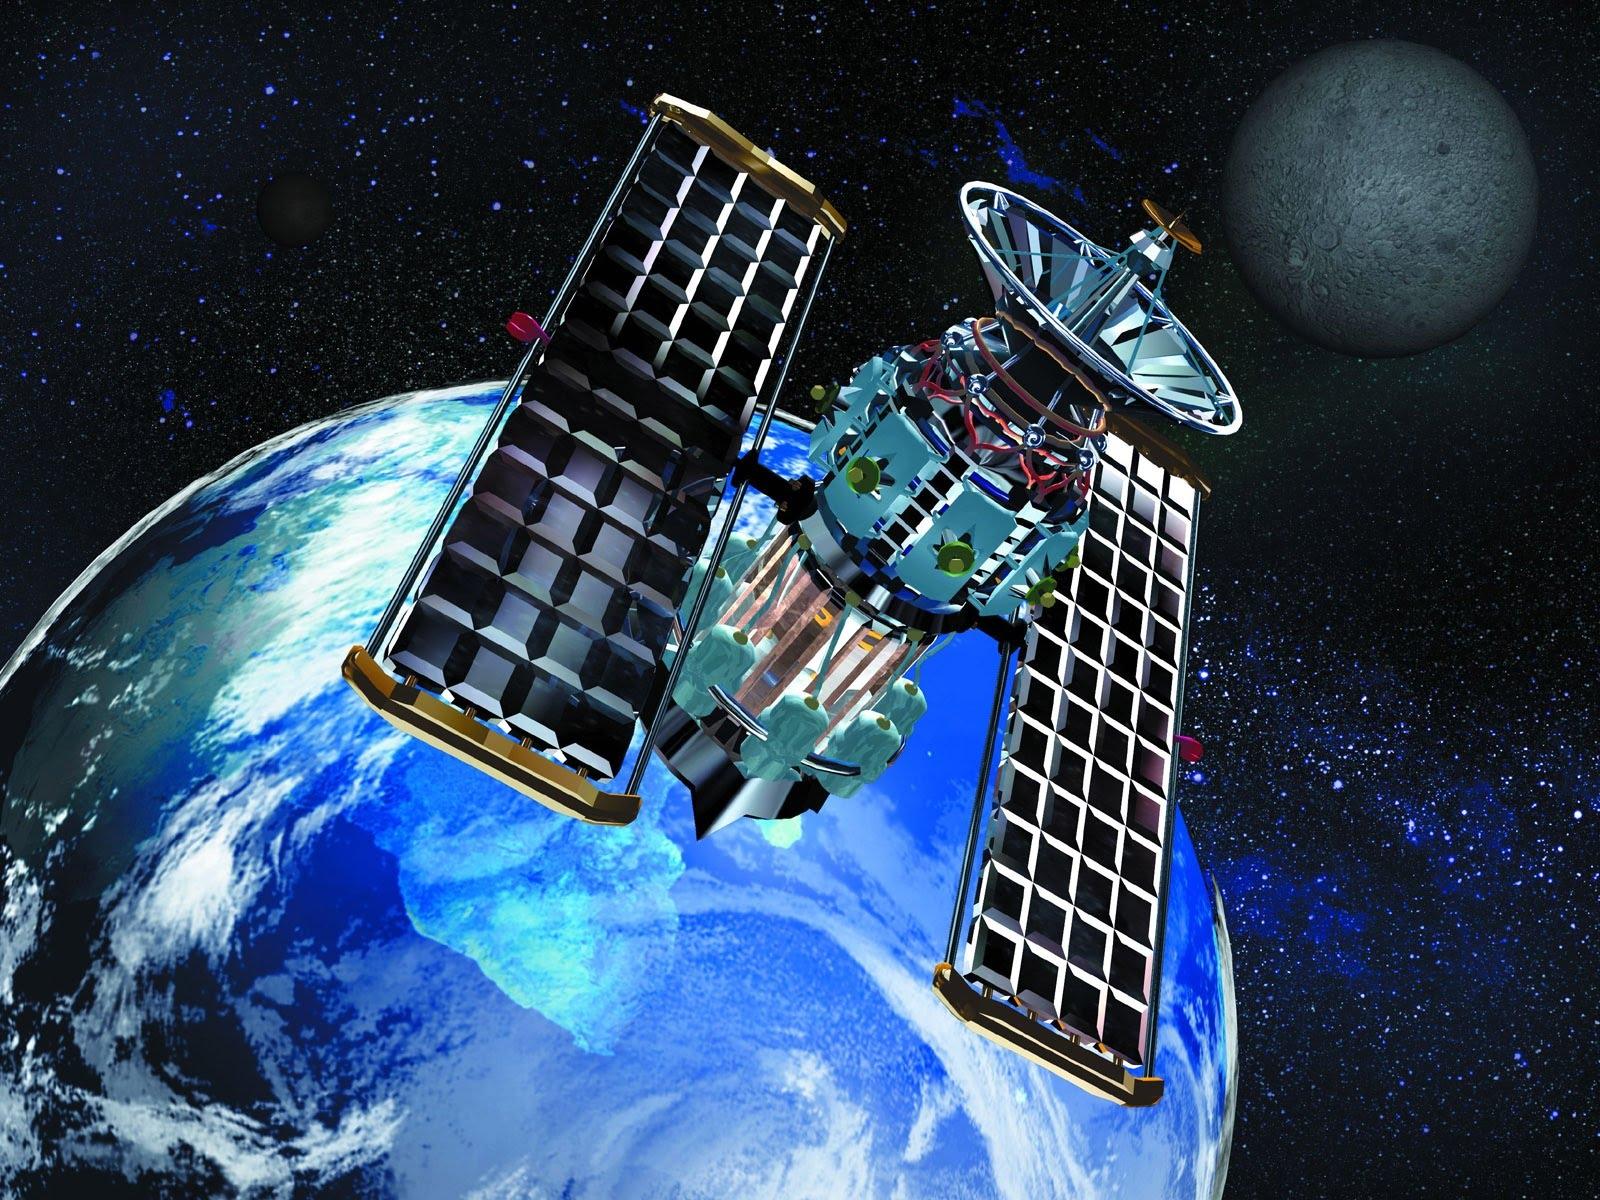 Hd Satellite